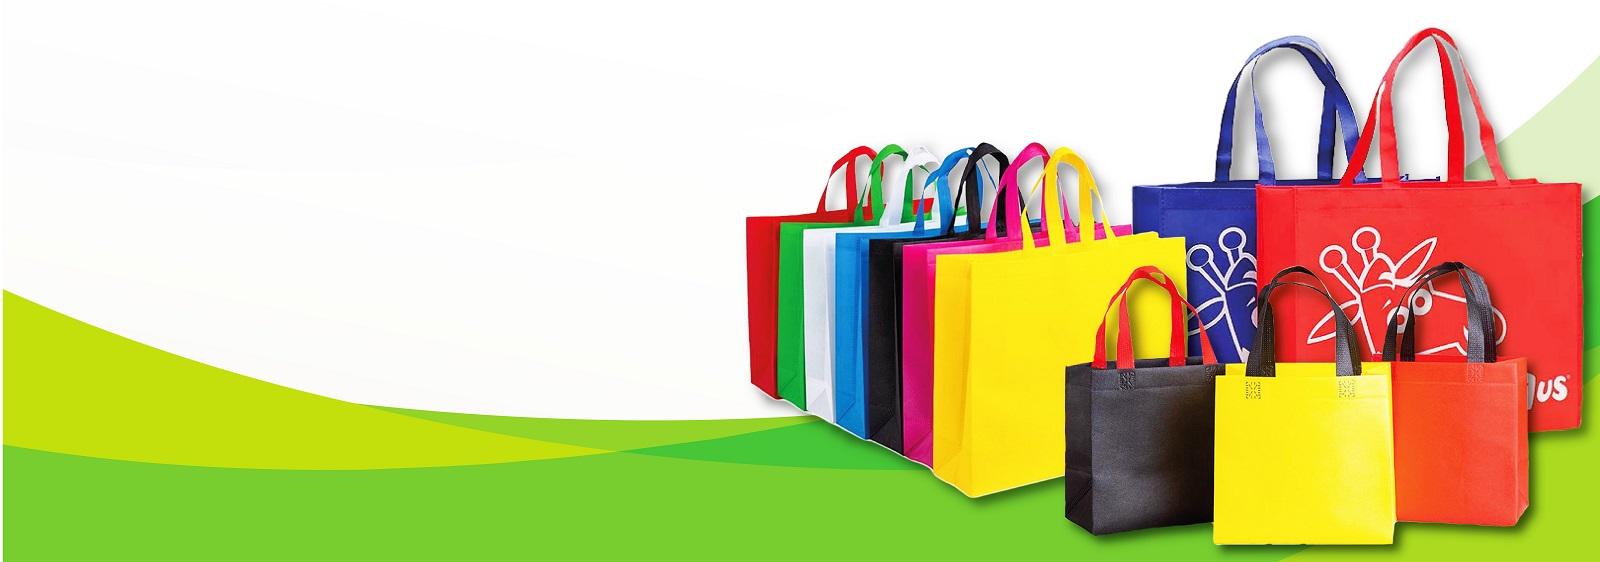 Chuyên sản xuất các loại túi quảng cáo giá rẻ